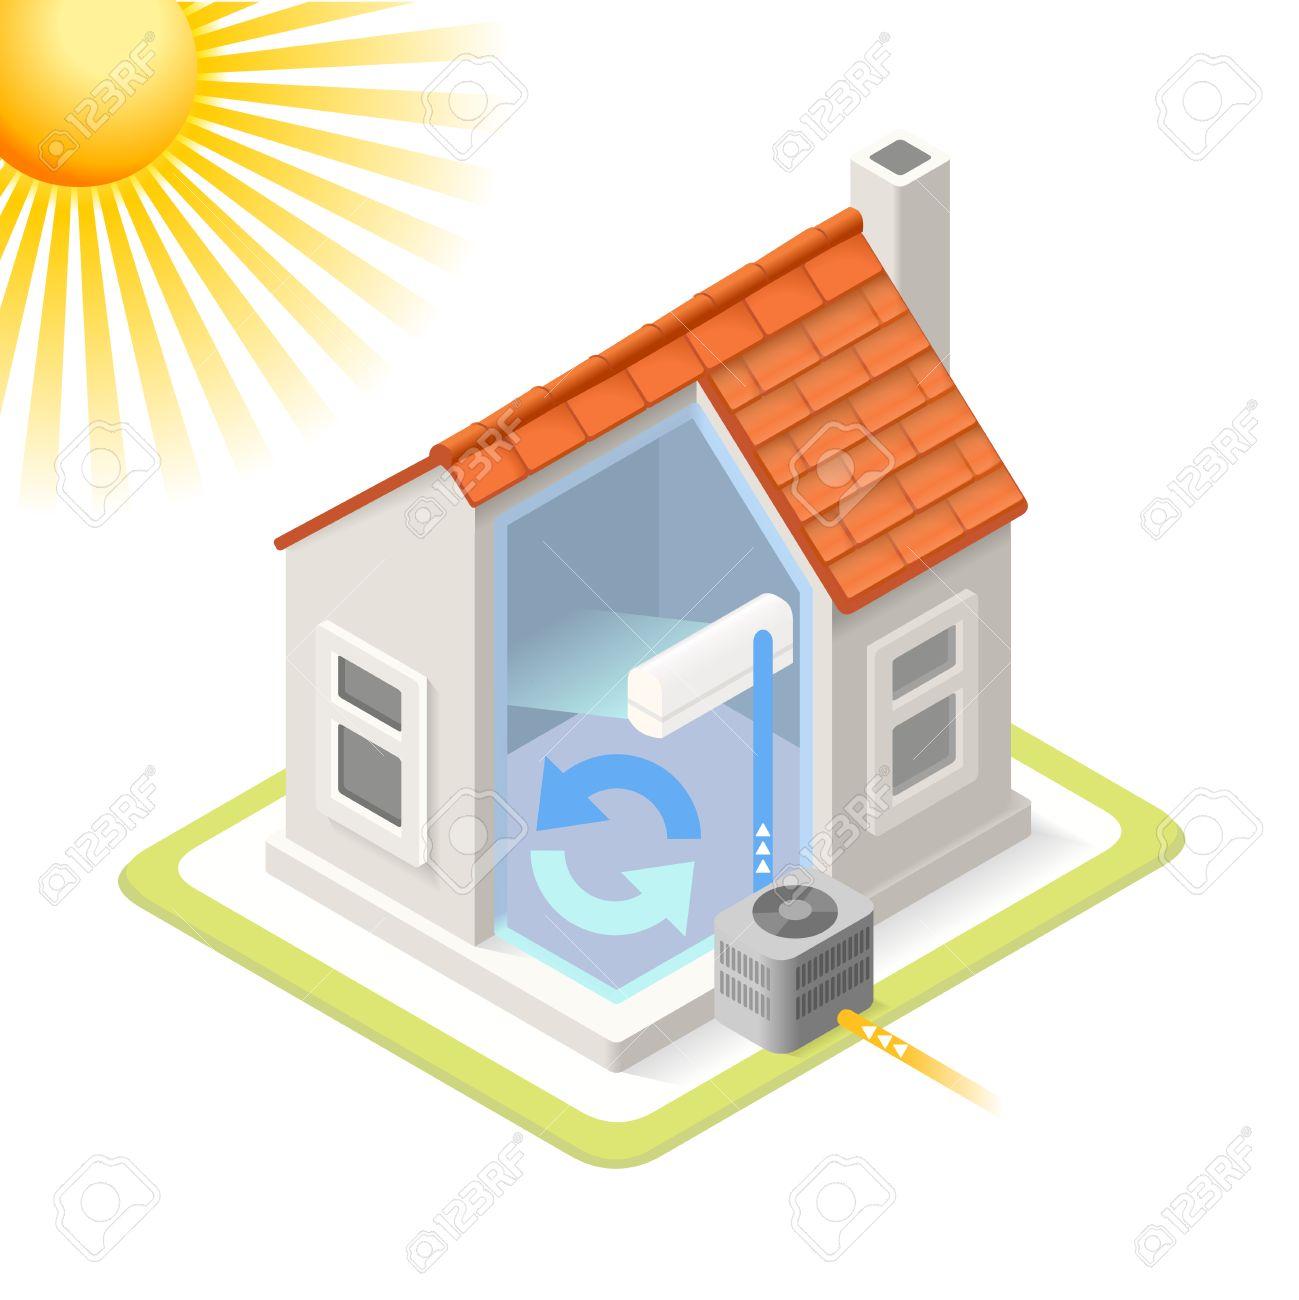 Heat Pump Haus Kühlsystem Infografik Icon Konzept. Die Isometrische ...